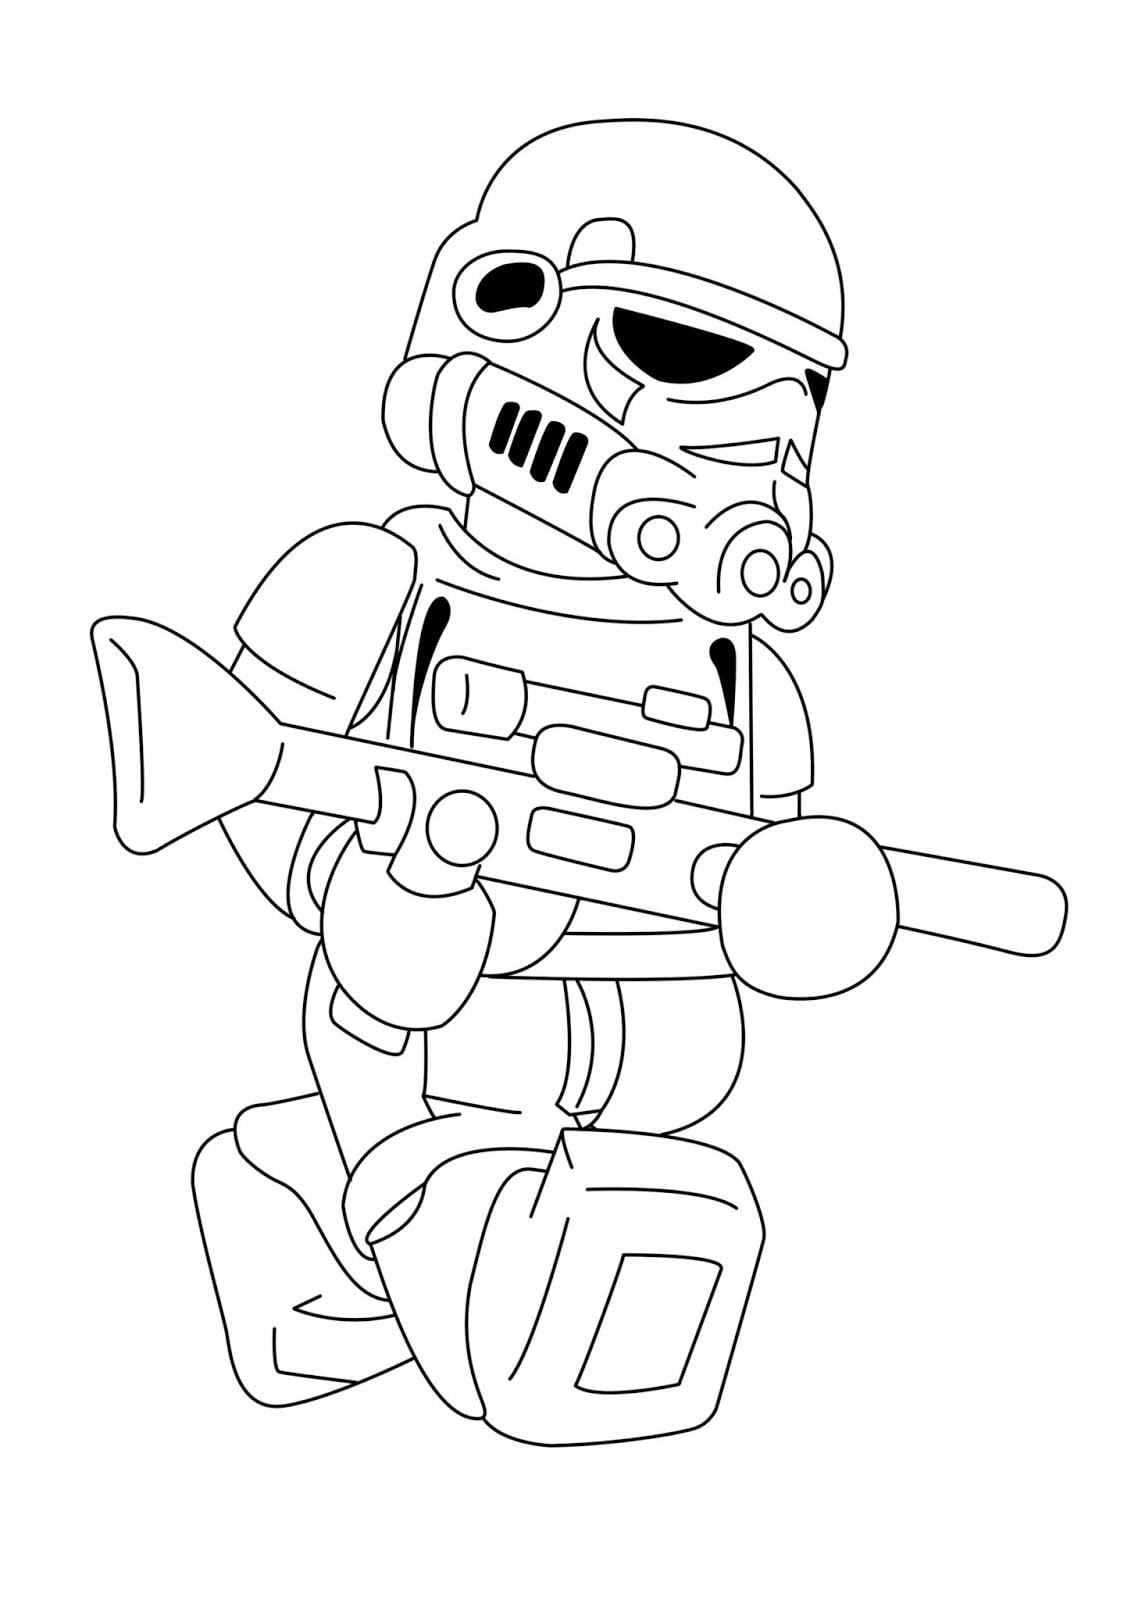 Jogo Desenhos Para Colorir Star Wars Lego No Jogos Online Wx